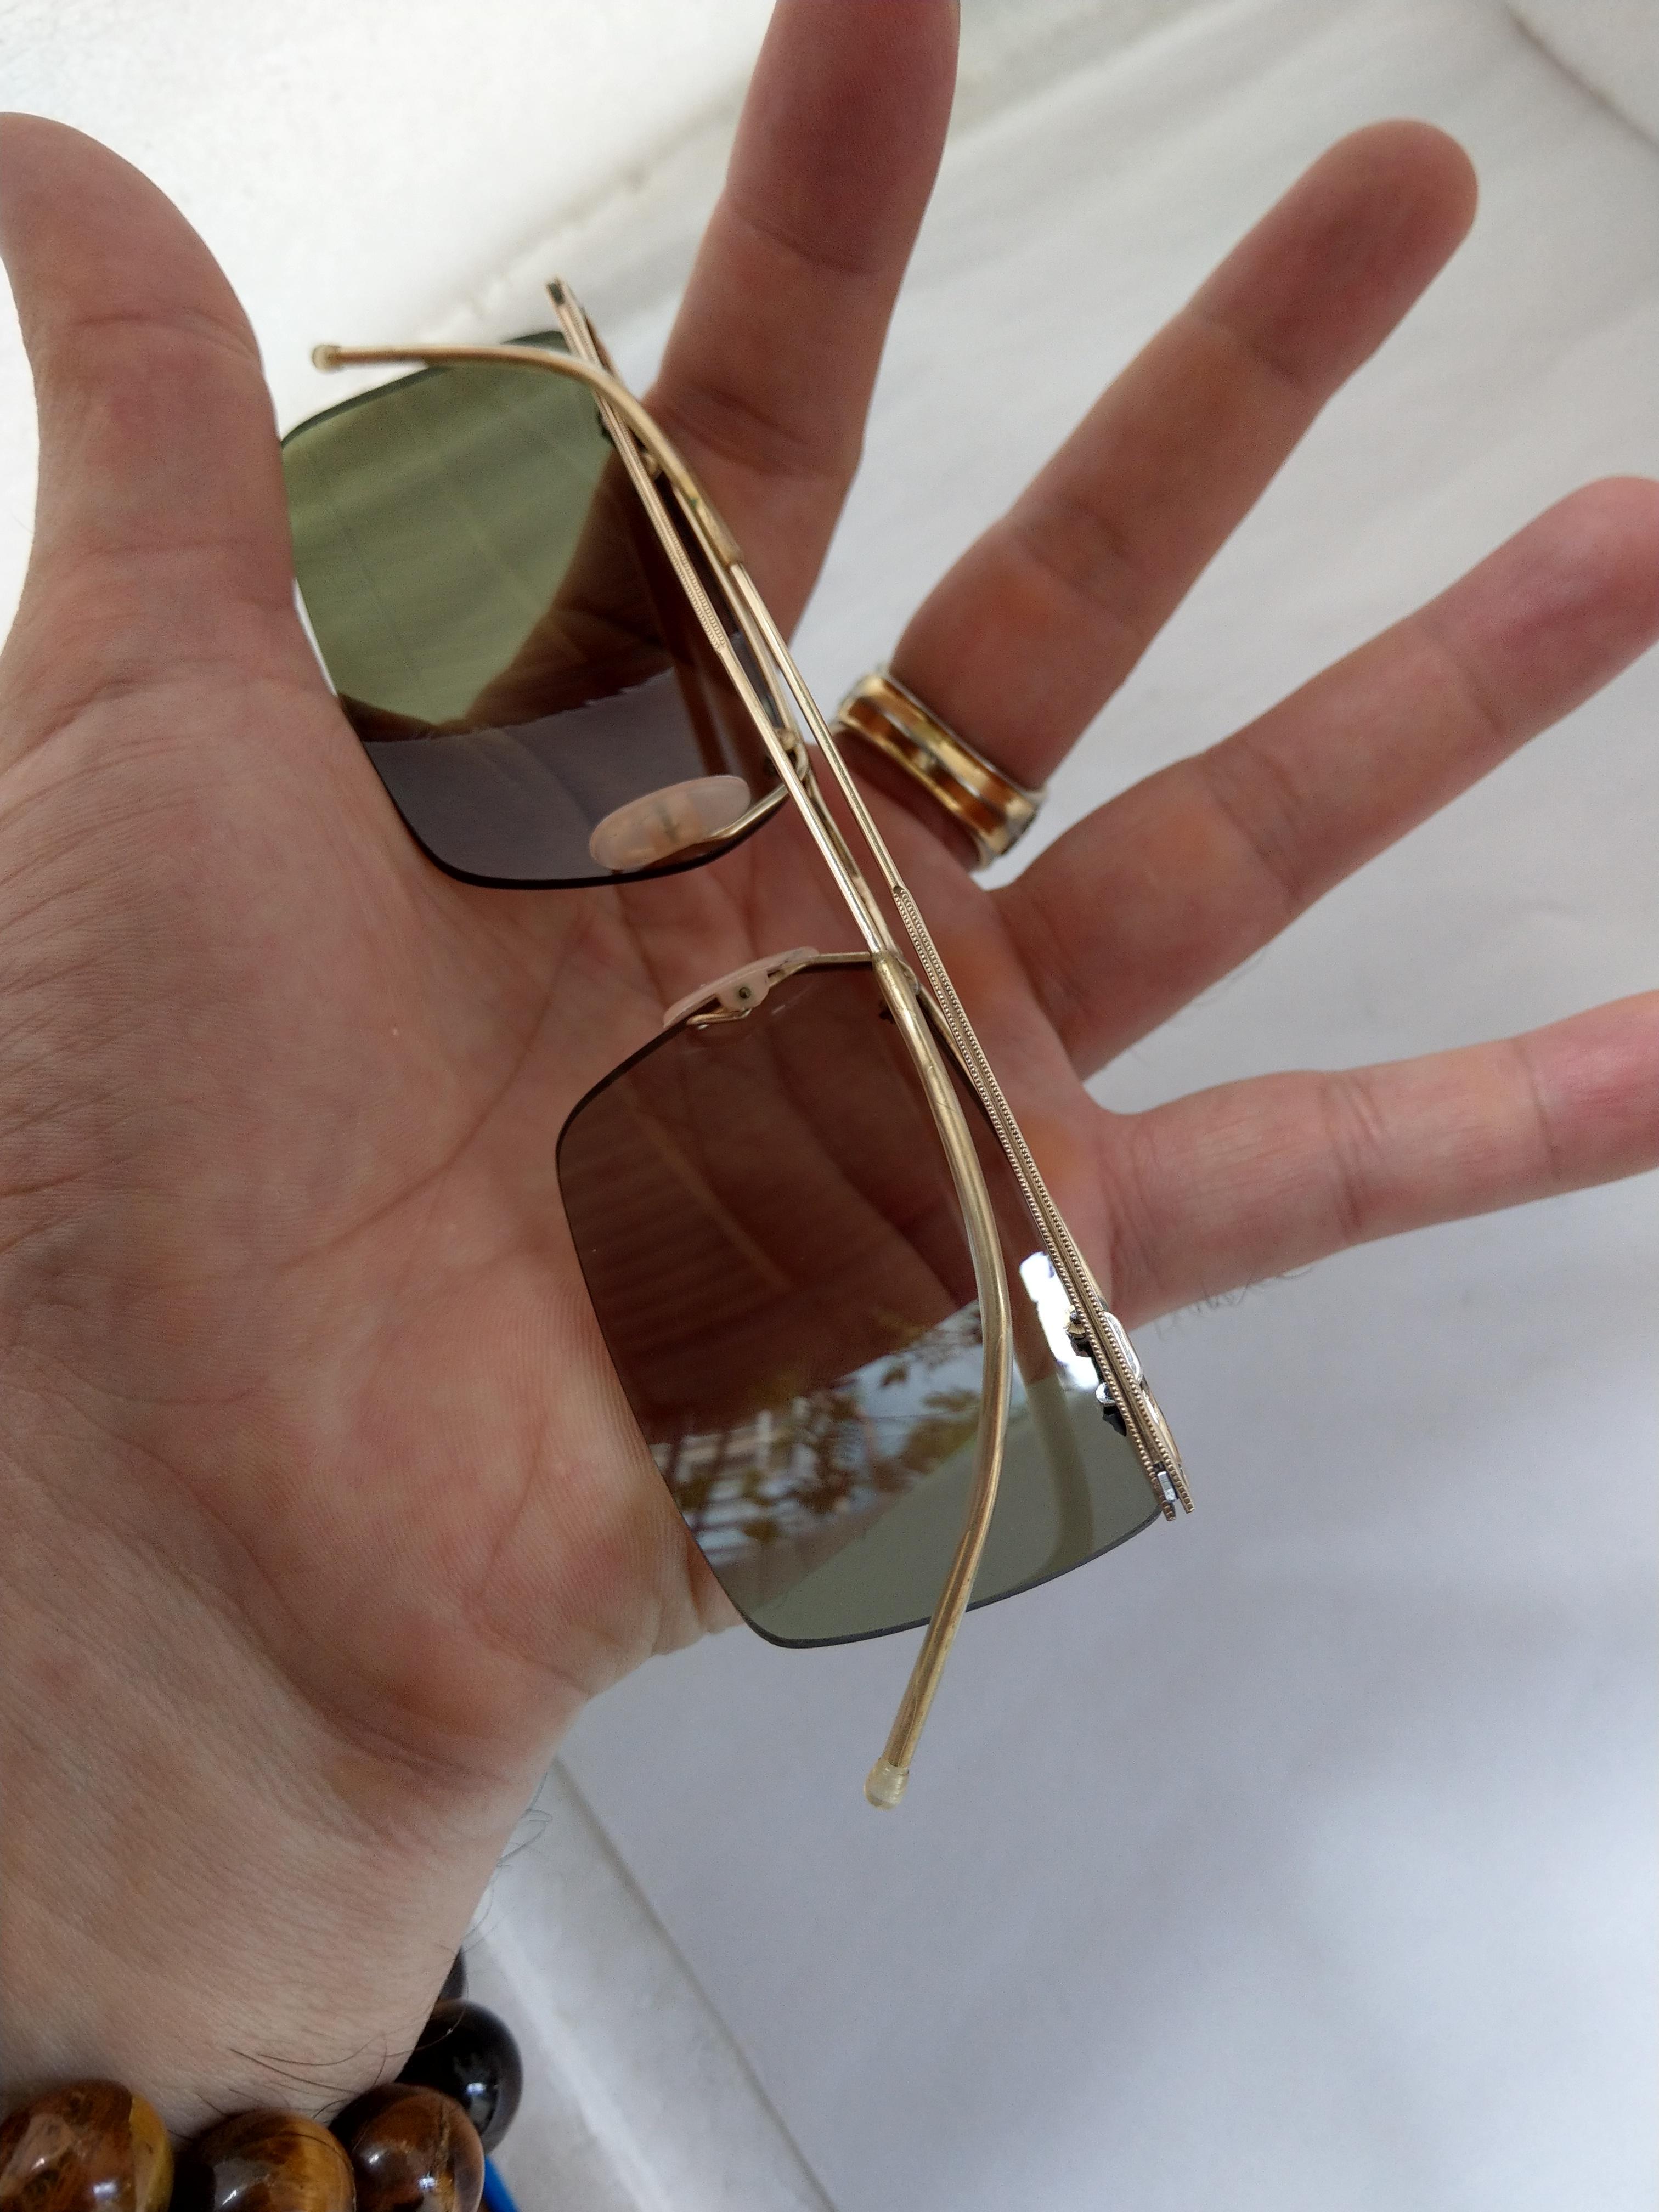 14 Kính Amor sao cánh nhạn của Pháp bọc vàng nguyên bản siêu nhẹ